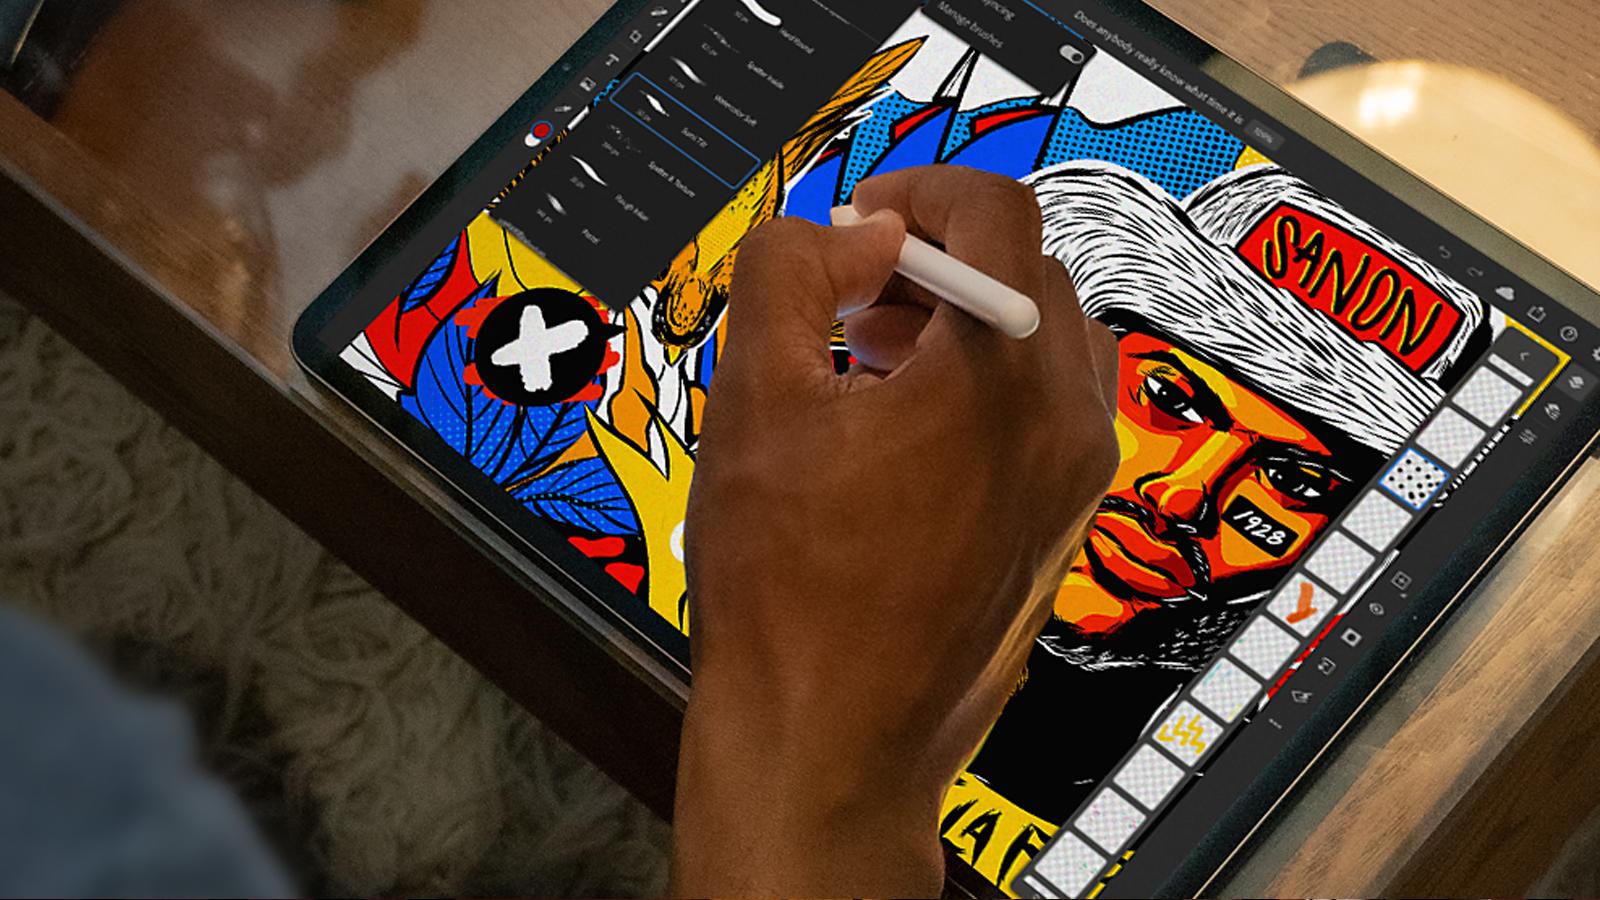 Adobe; Photoshop lanza un paquete de iPad de $ 15 con Fresco, Illustrator y más 12